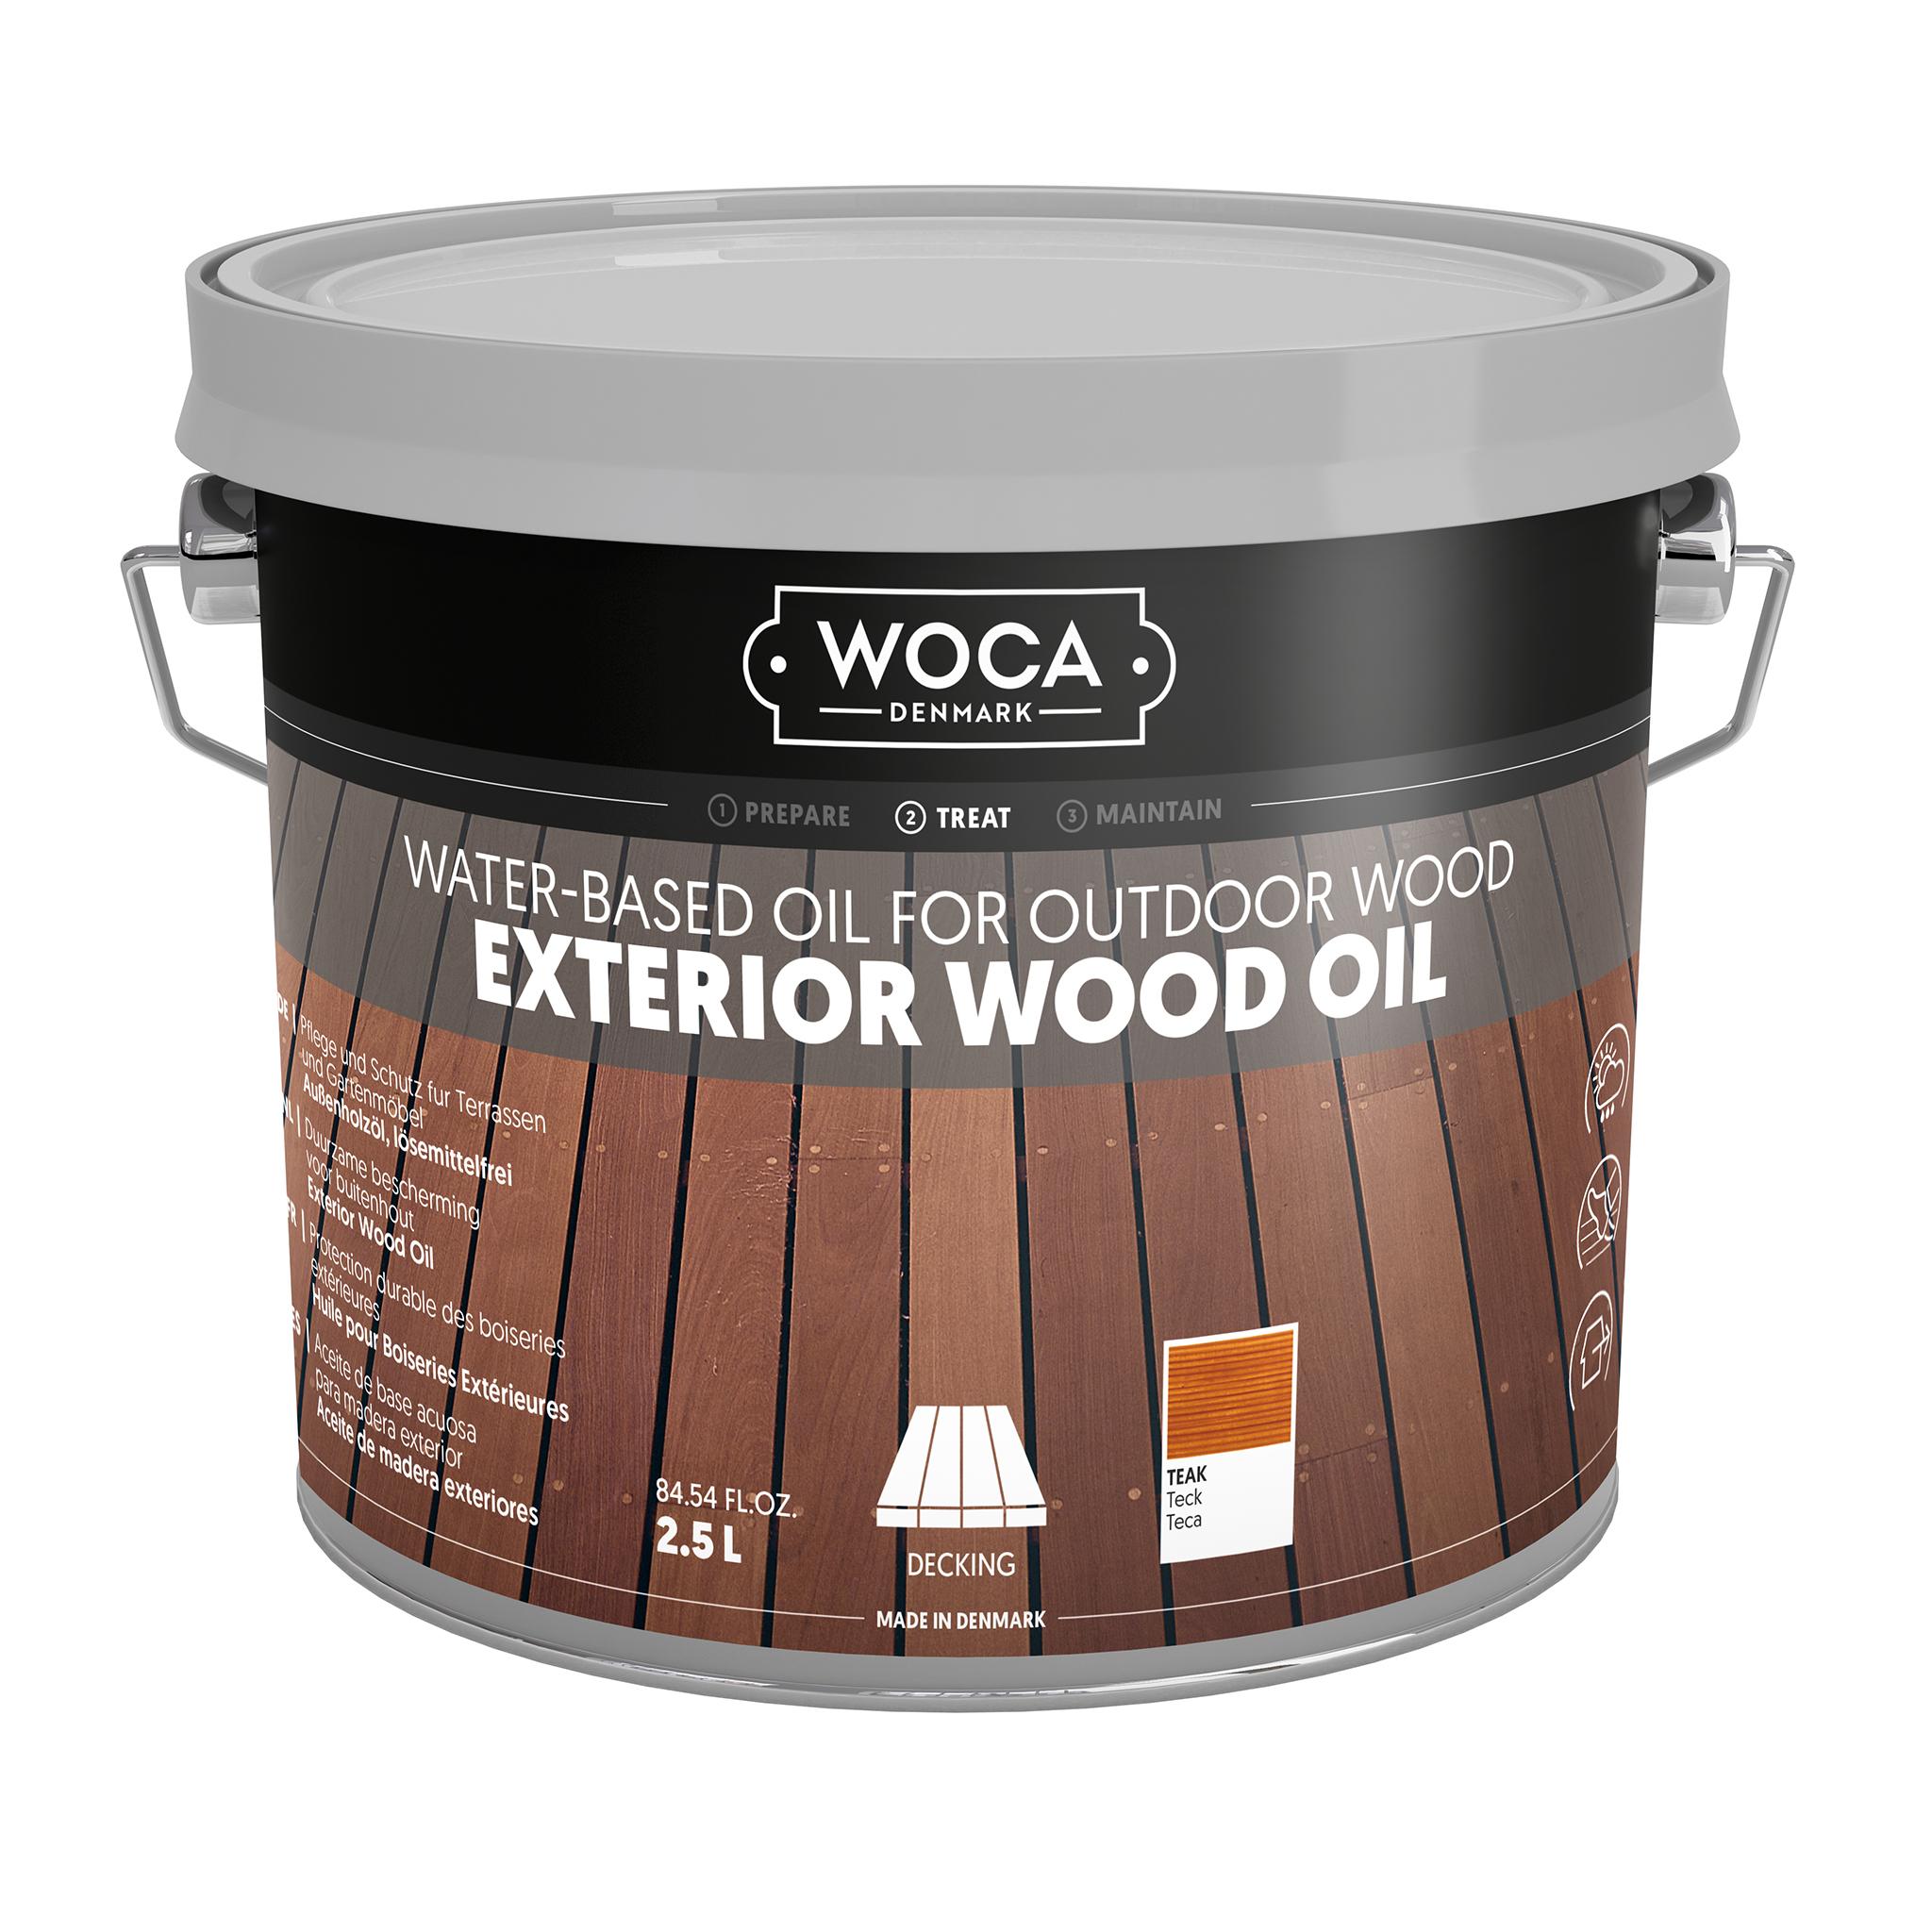 WOCA Exterior Öl Teak 2,5L